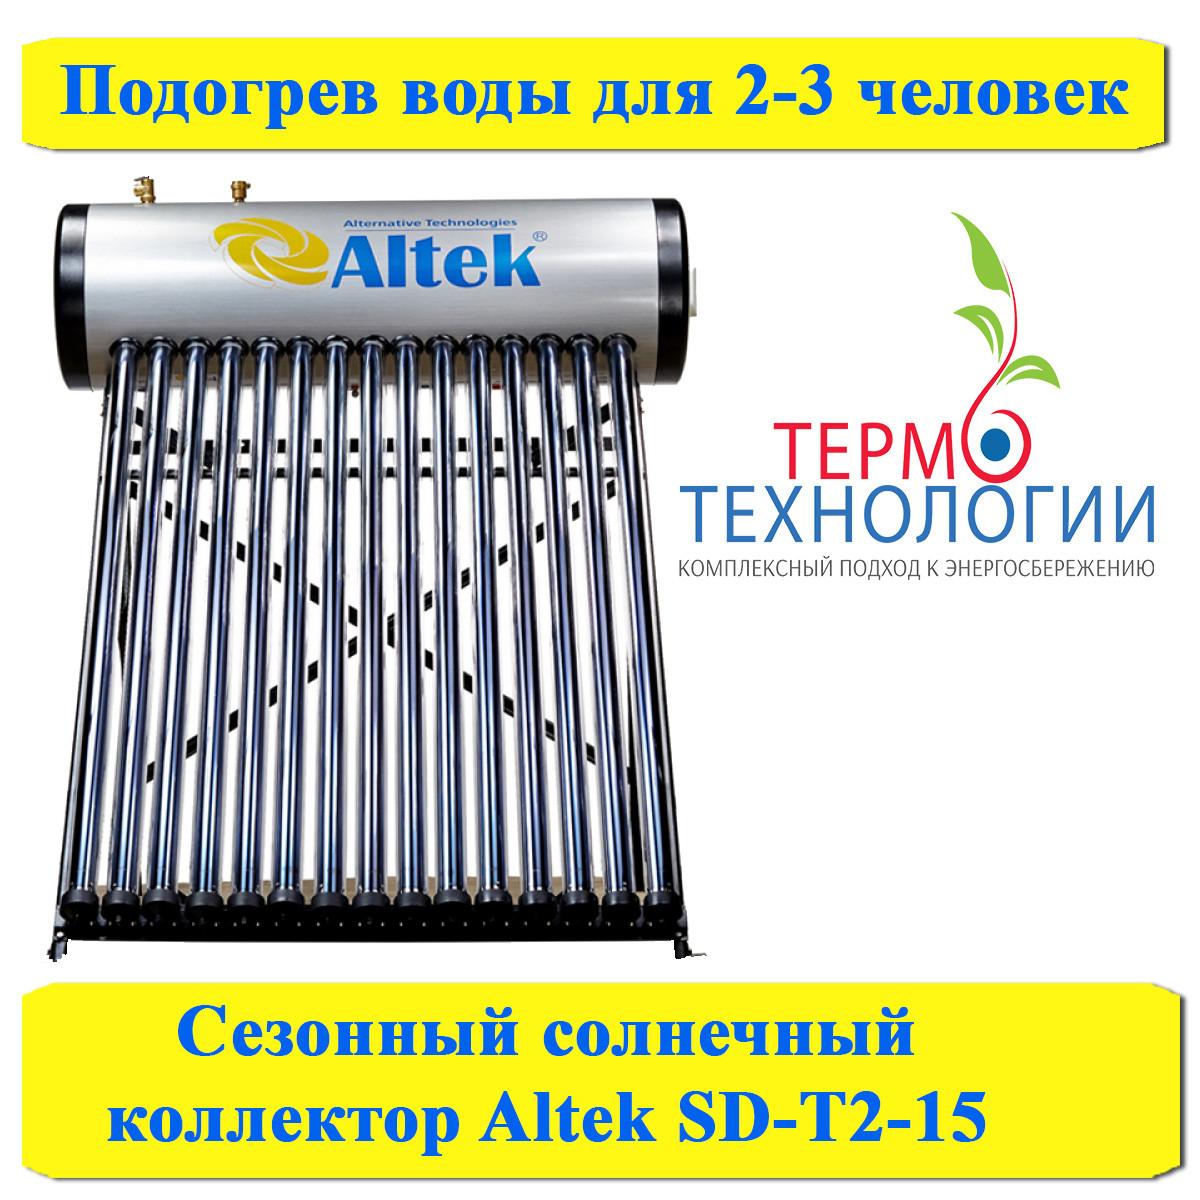 Солнечный коллектор Altek SD-T2-15 ГВС на 2-3 человека